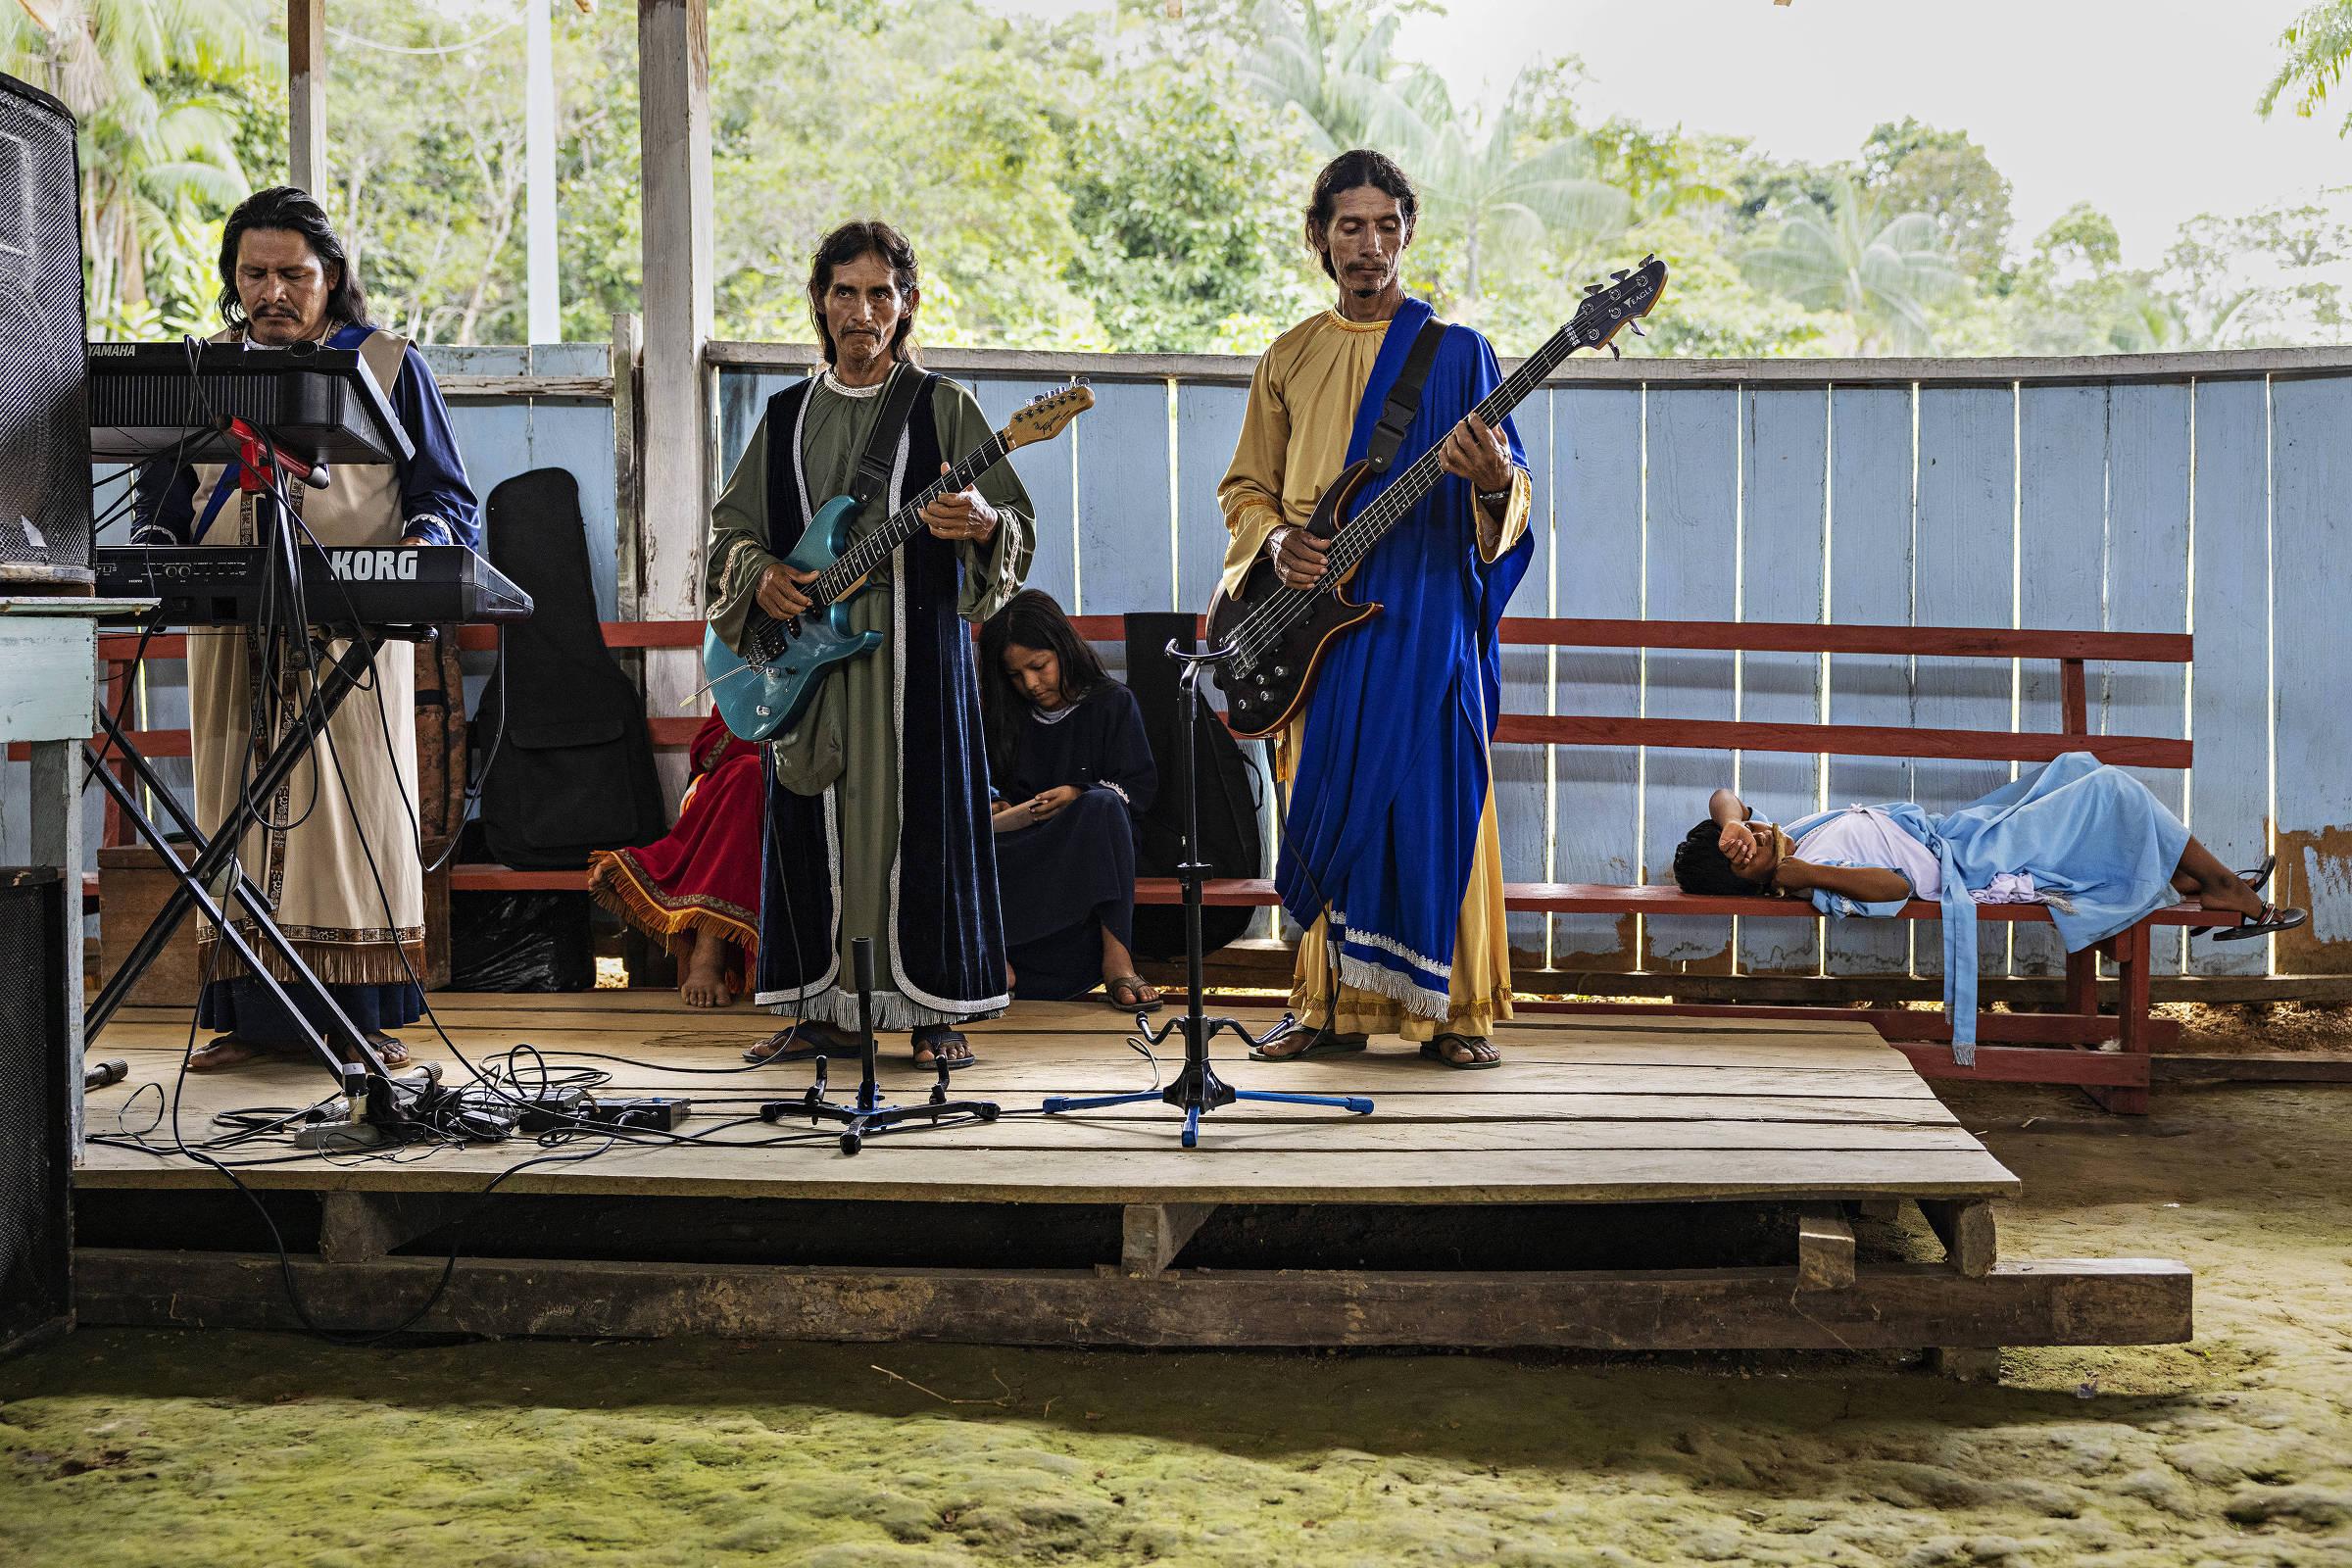 Músicos tocam durante culto na igreja Missão Israelita do Novo Pacto Universal durante retiro dos fiéis na zona rural de Benjamin Constant, no Brasil